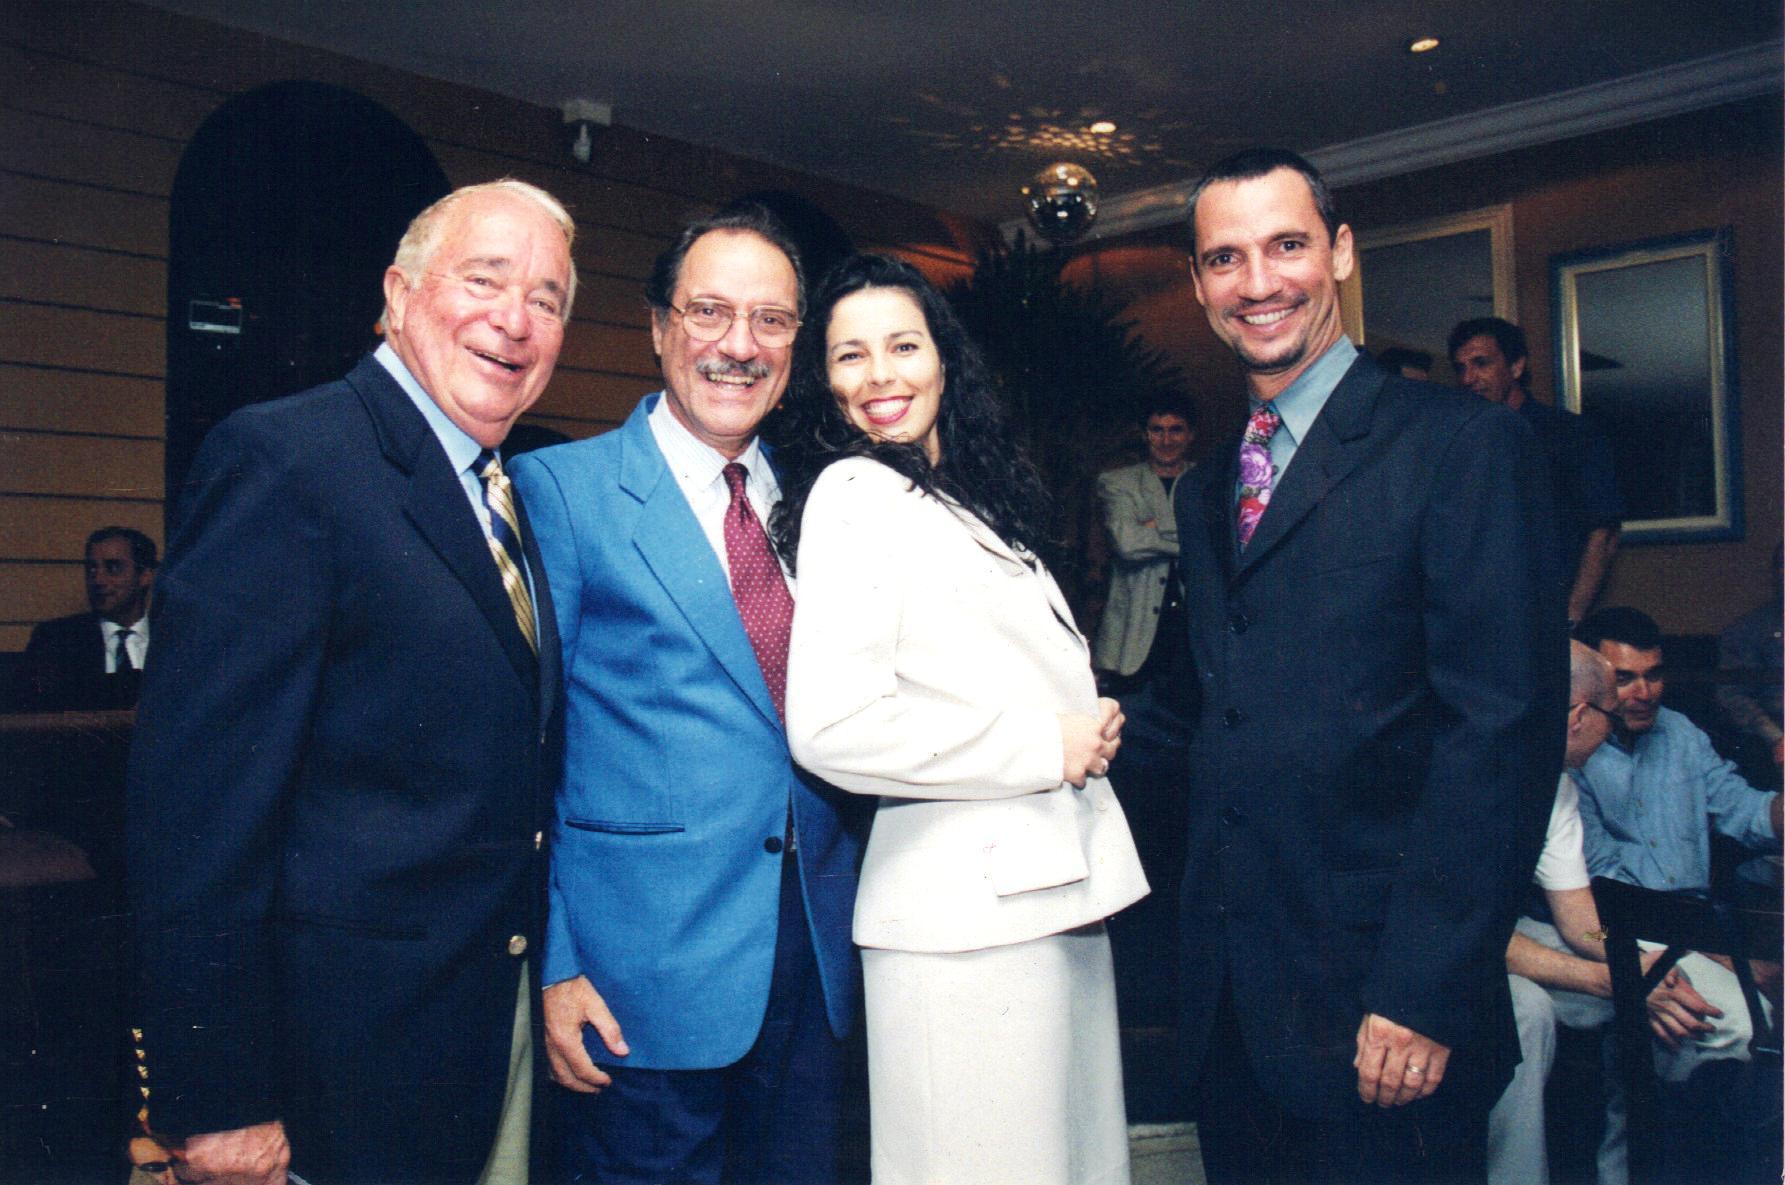 Gualtiero Tognocchi, Carlão, Karla e Carlãozinho Coachman juntos em 1999. Crédito: Caio Mattos/Revista Motociclismo/Motostory